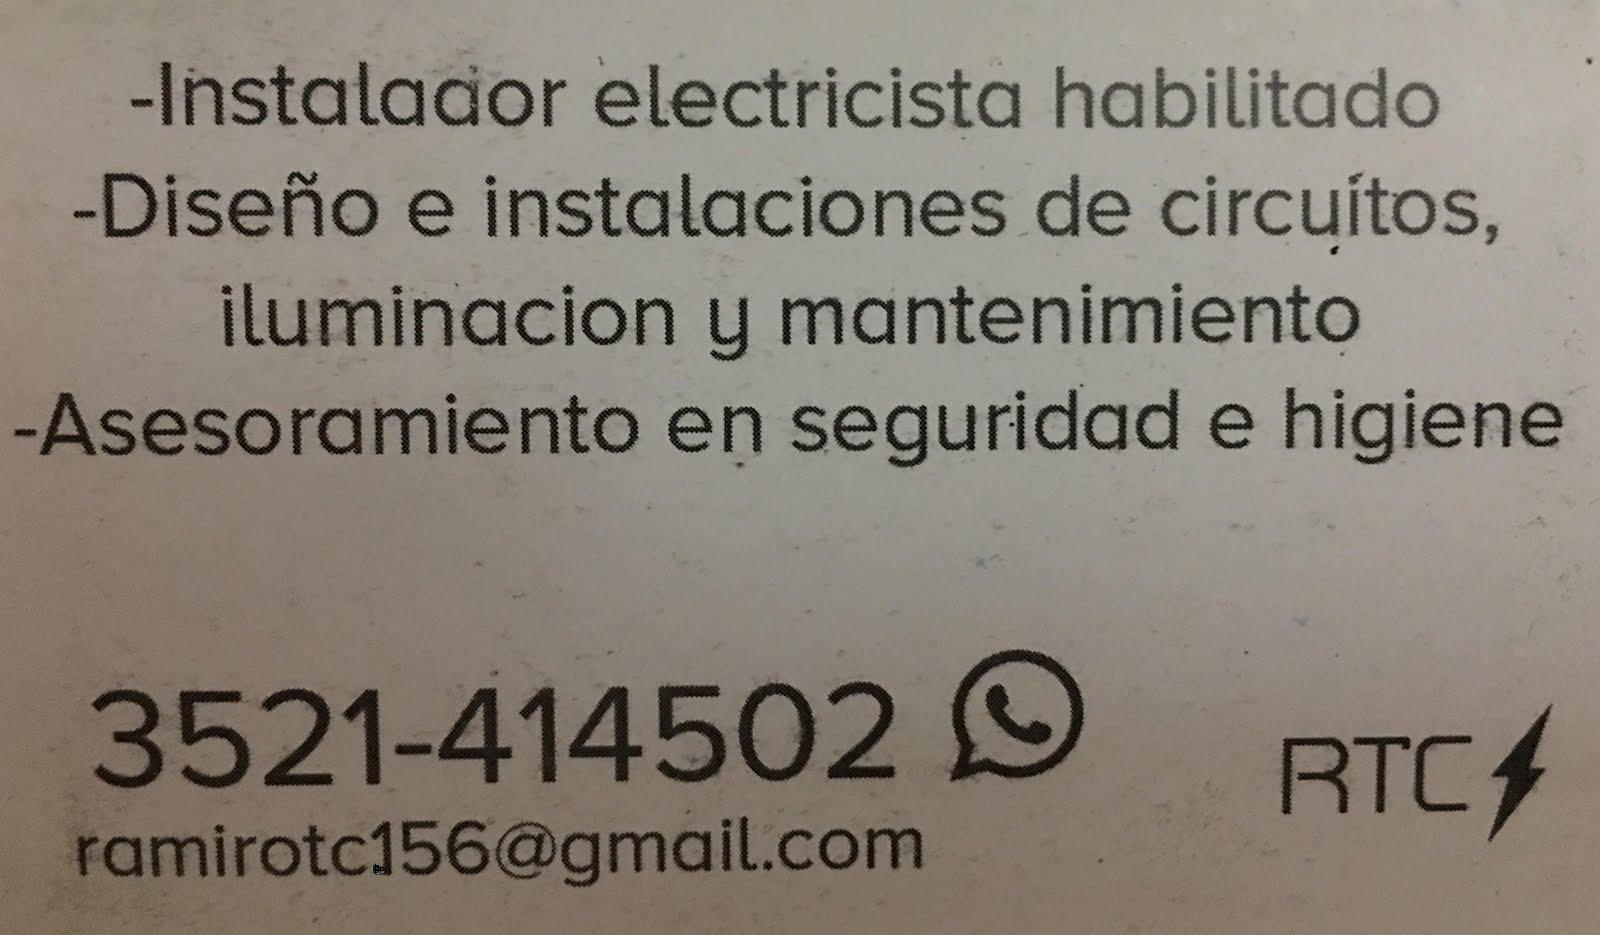 Instalador Electricista Habilitado